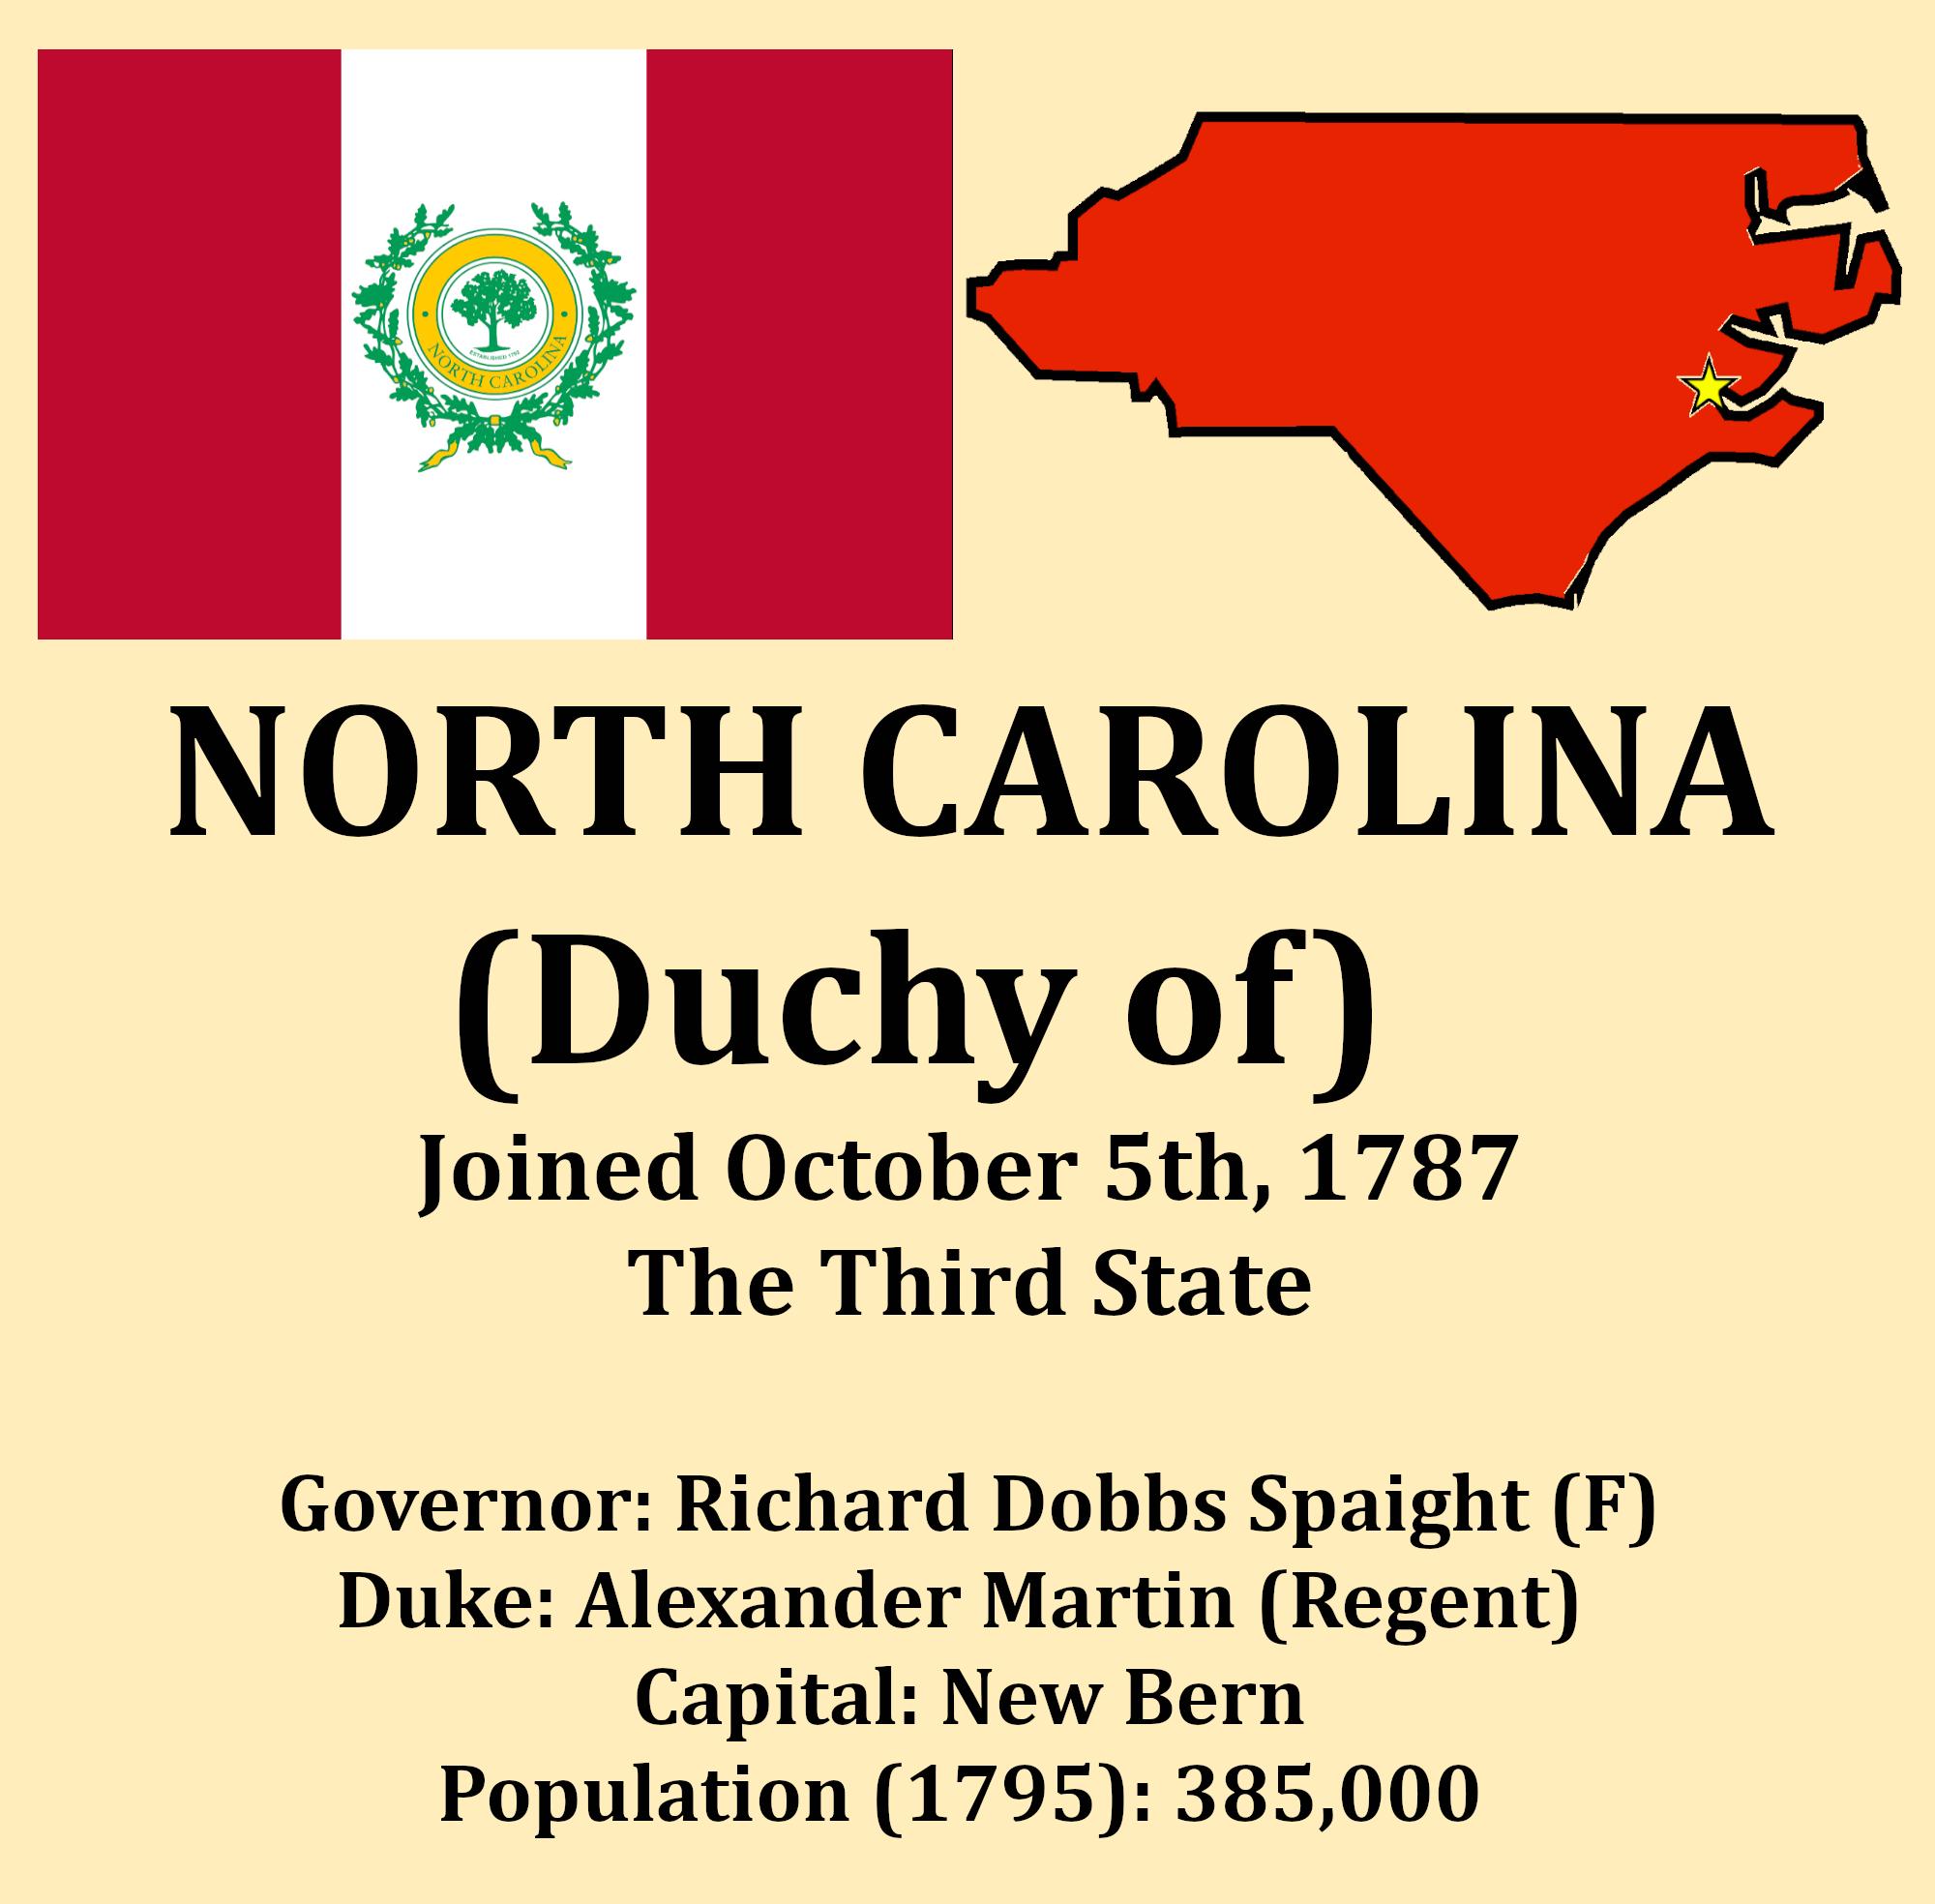 North Carolina 2.png